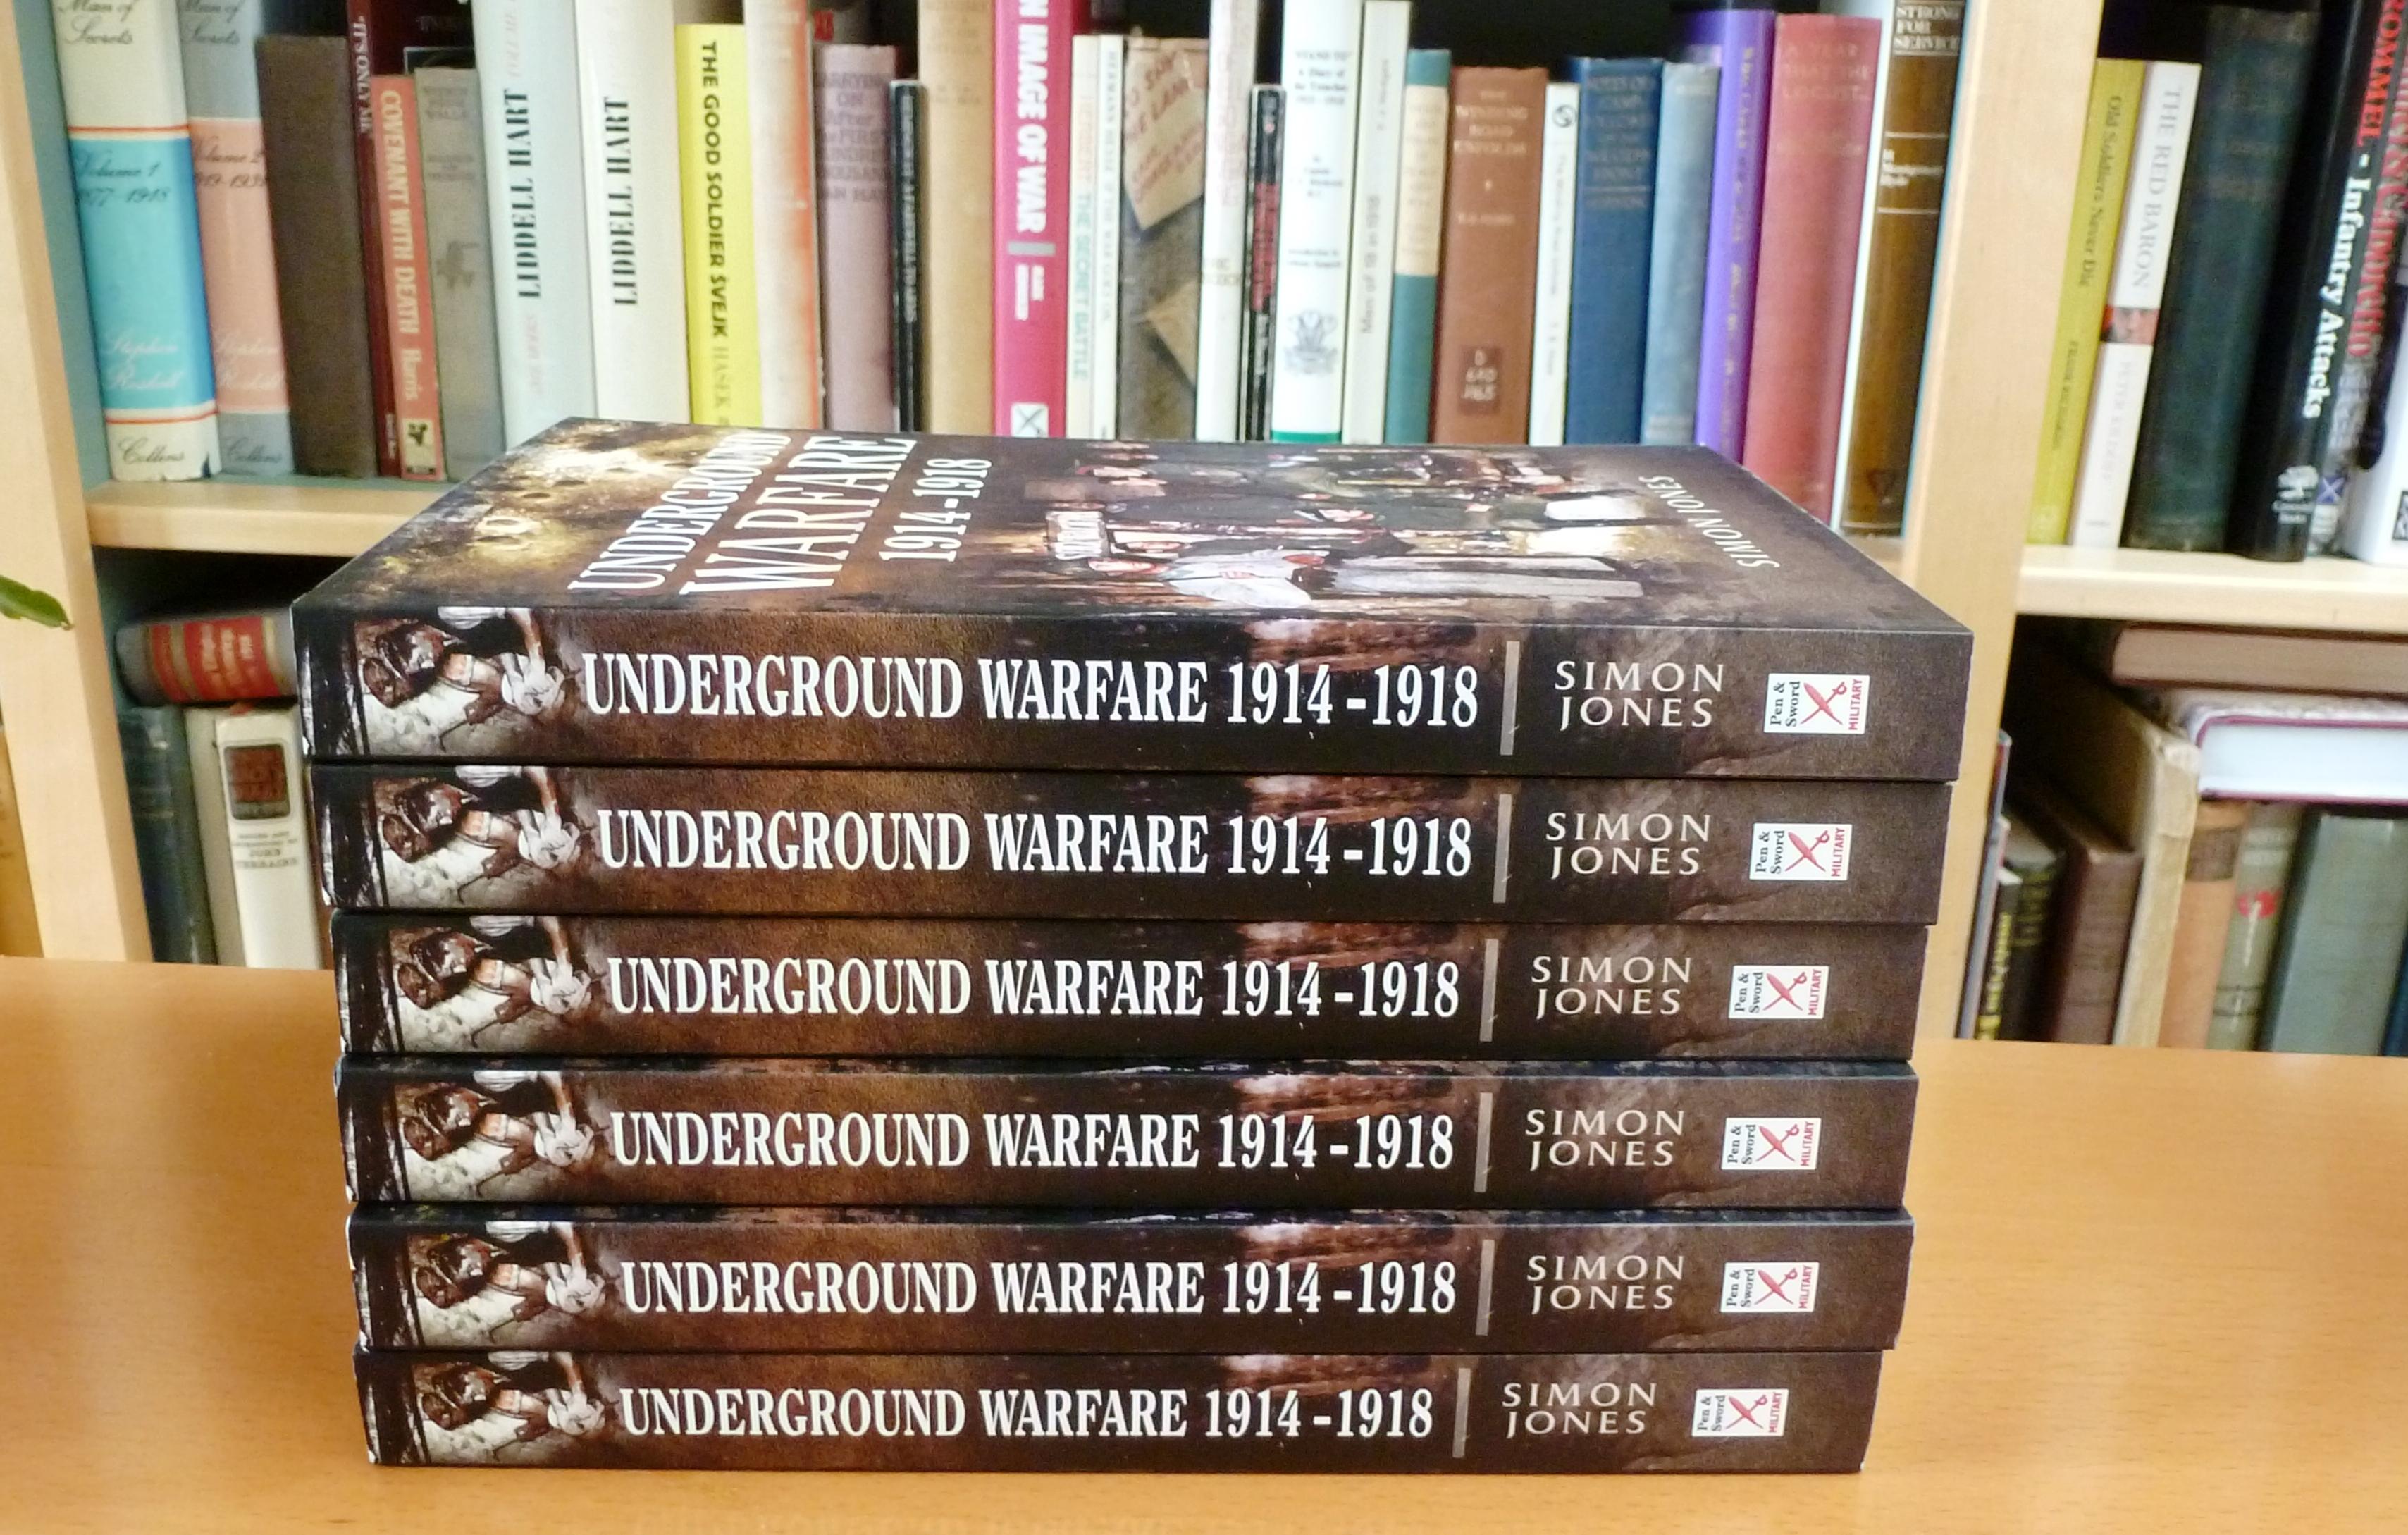 Underground Warfare 1914-1914 in paperback